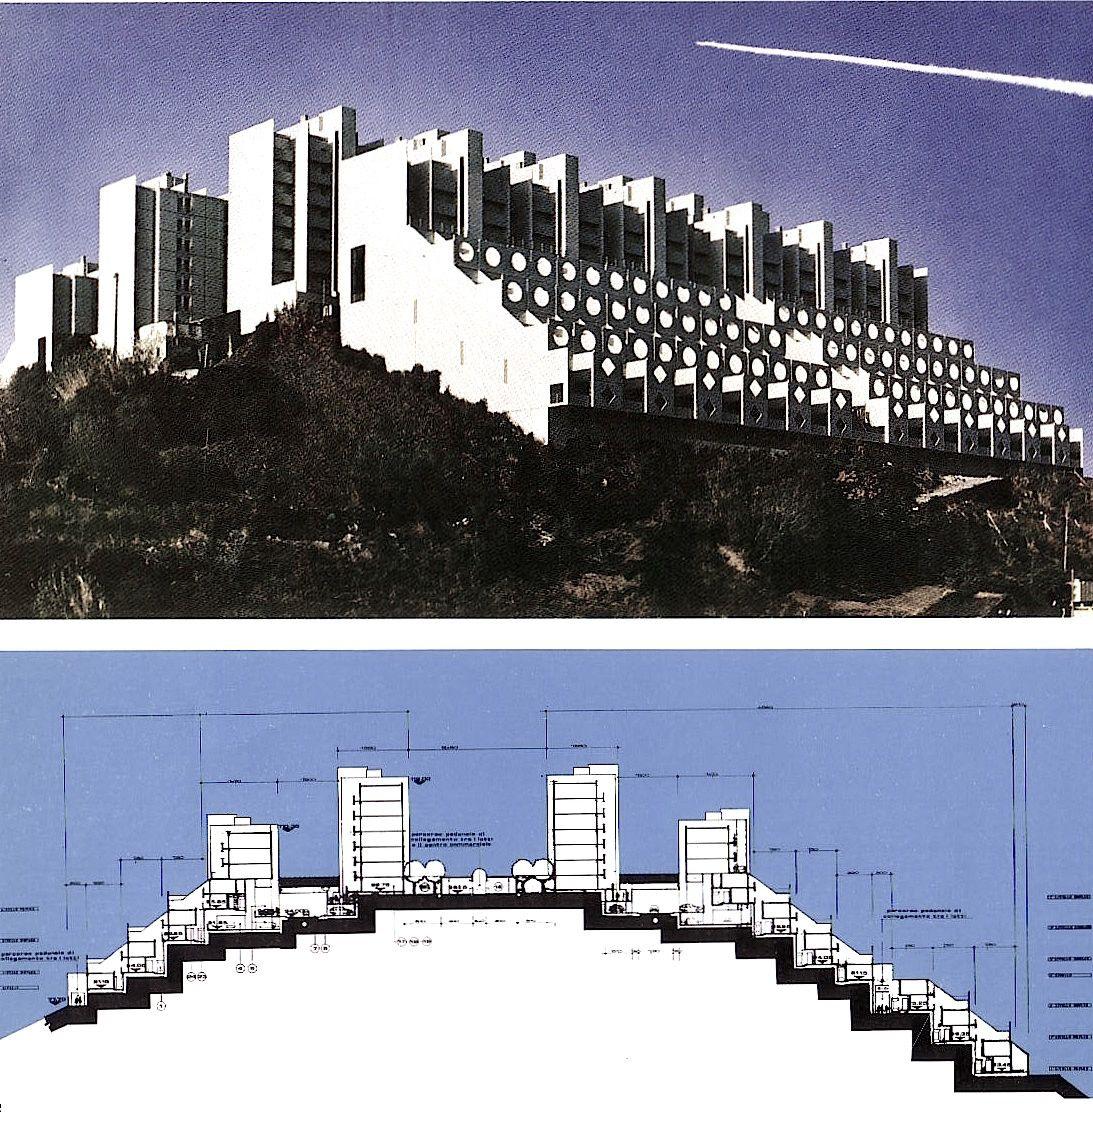 """Immagini tratte da """"Aldo luigi rizzo, percorsi di architettura"""", Costa e Nolan, 1986"""